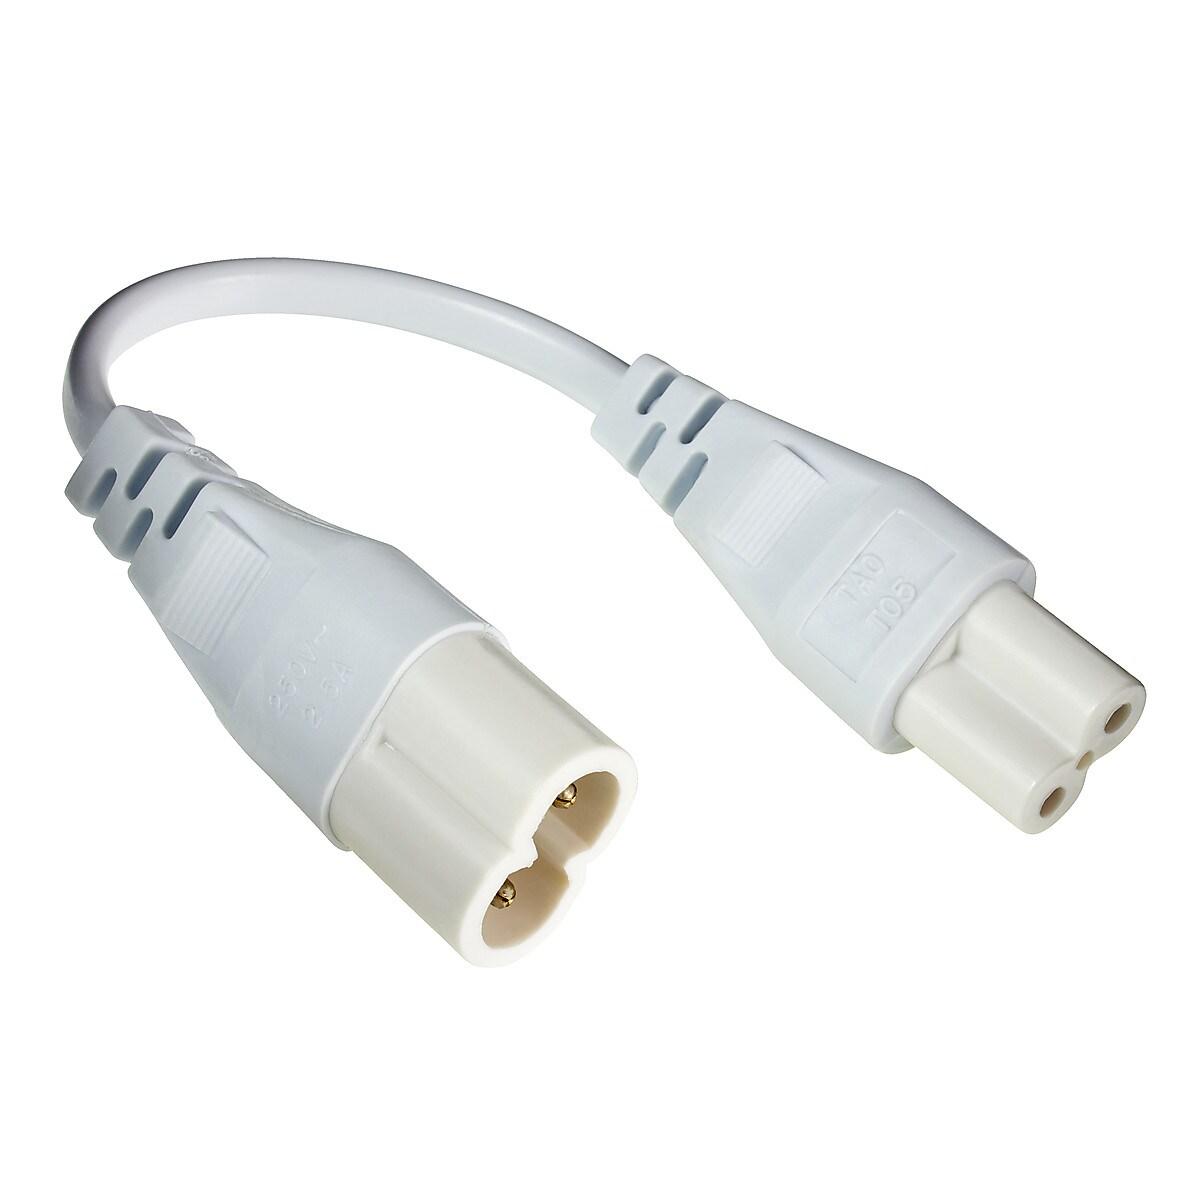 Skarvkabel C7 till bänkarmatur LED